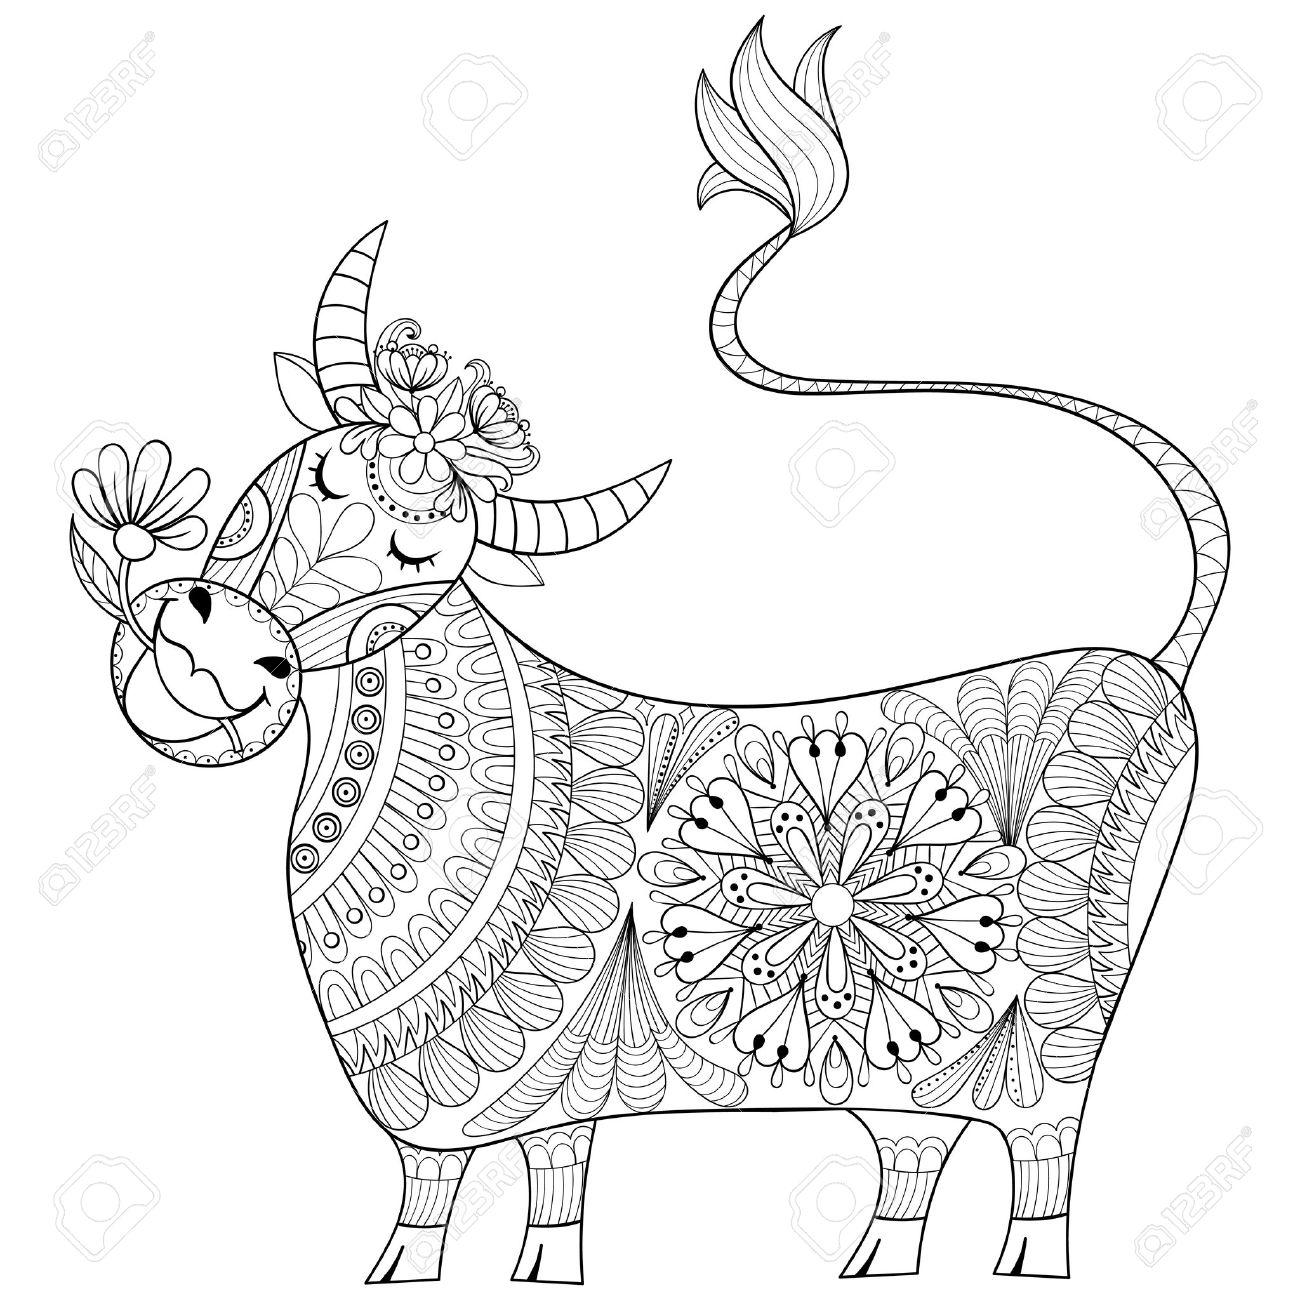 Página Para Colorear Con La Vaca, Zenart Estilizado Del Ejemplo Del ...